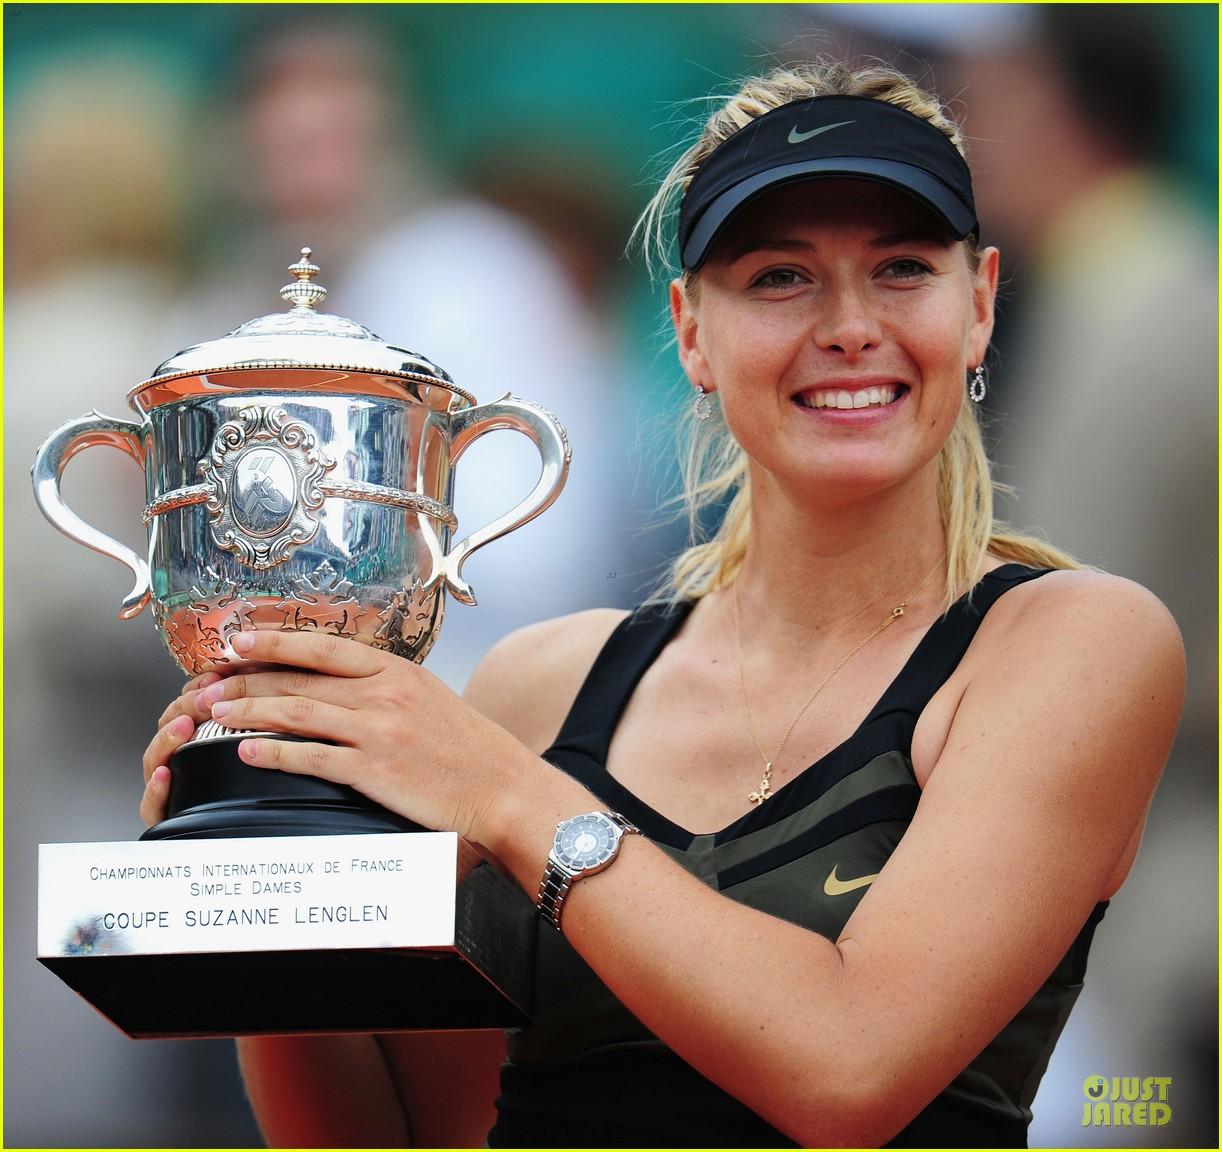 http://1.bp.blogspot.com/-NOLjLrILPXM/T_AtHgMD8jI/AAAAAAAAA0s/g9-tqgq-_dE/s1600/Maria-Sharapova-09.jpg